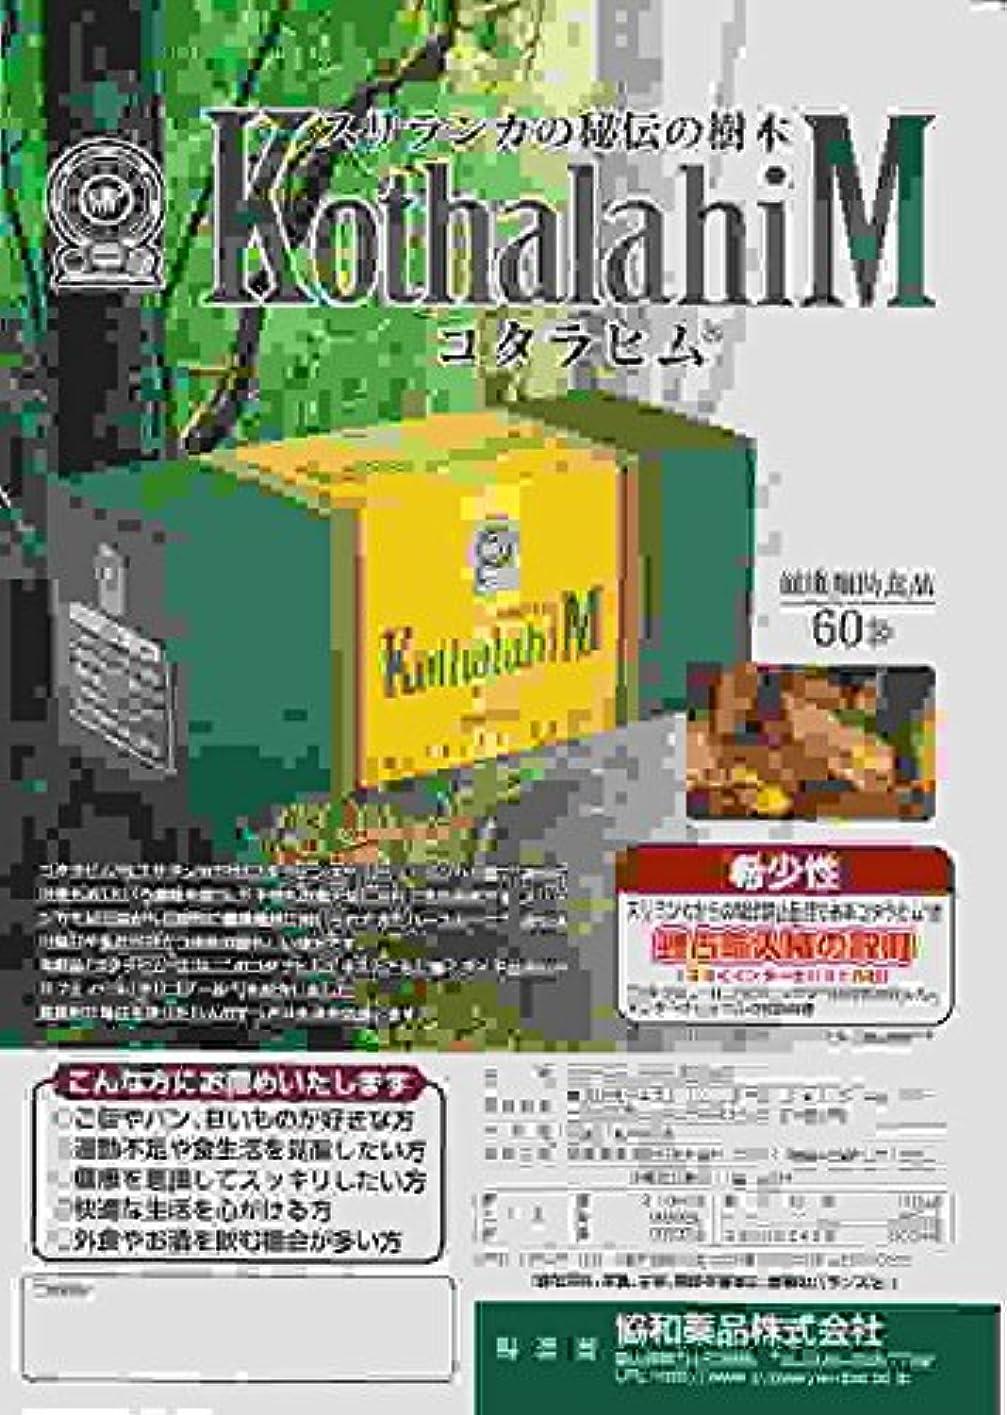 哀れな贅沢な行政コタラヒム60袋 3個